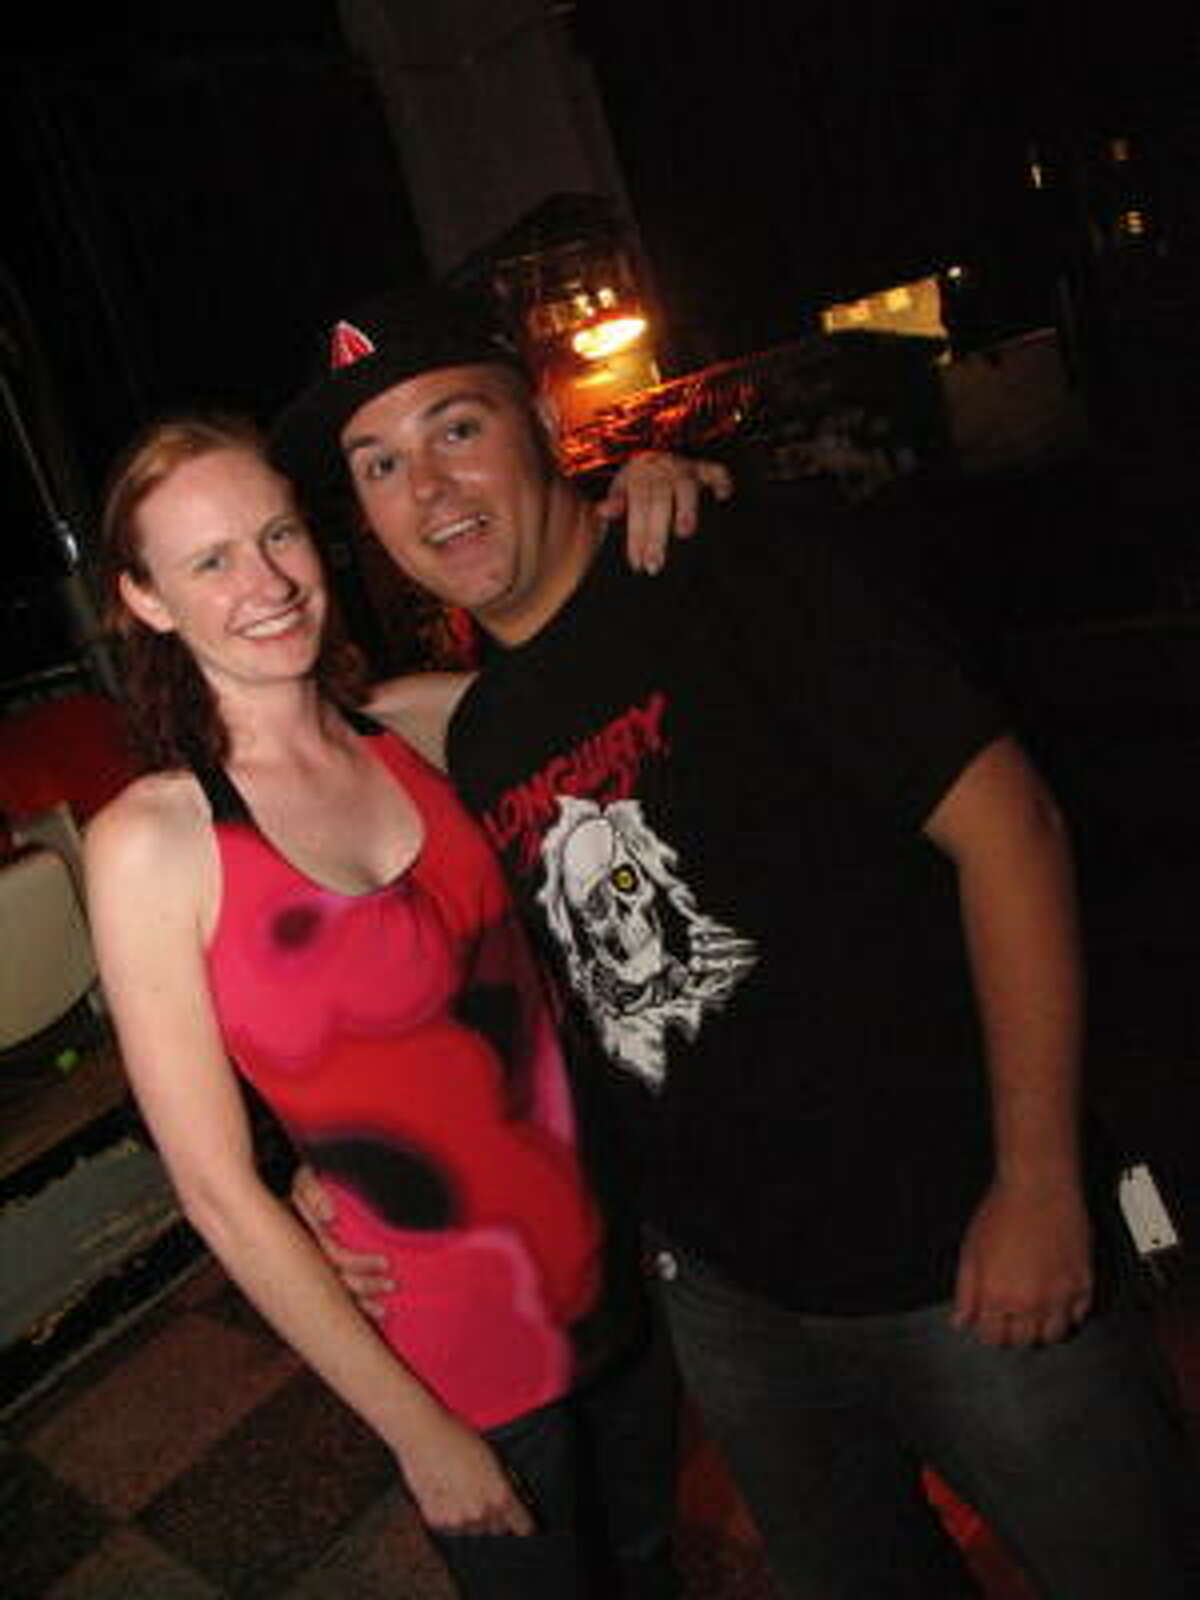 Julie Wood, left, and Nick Davis